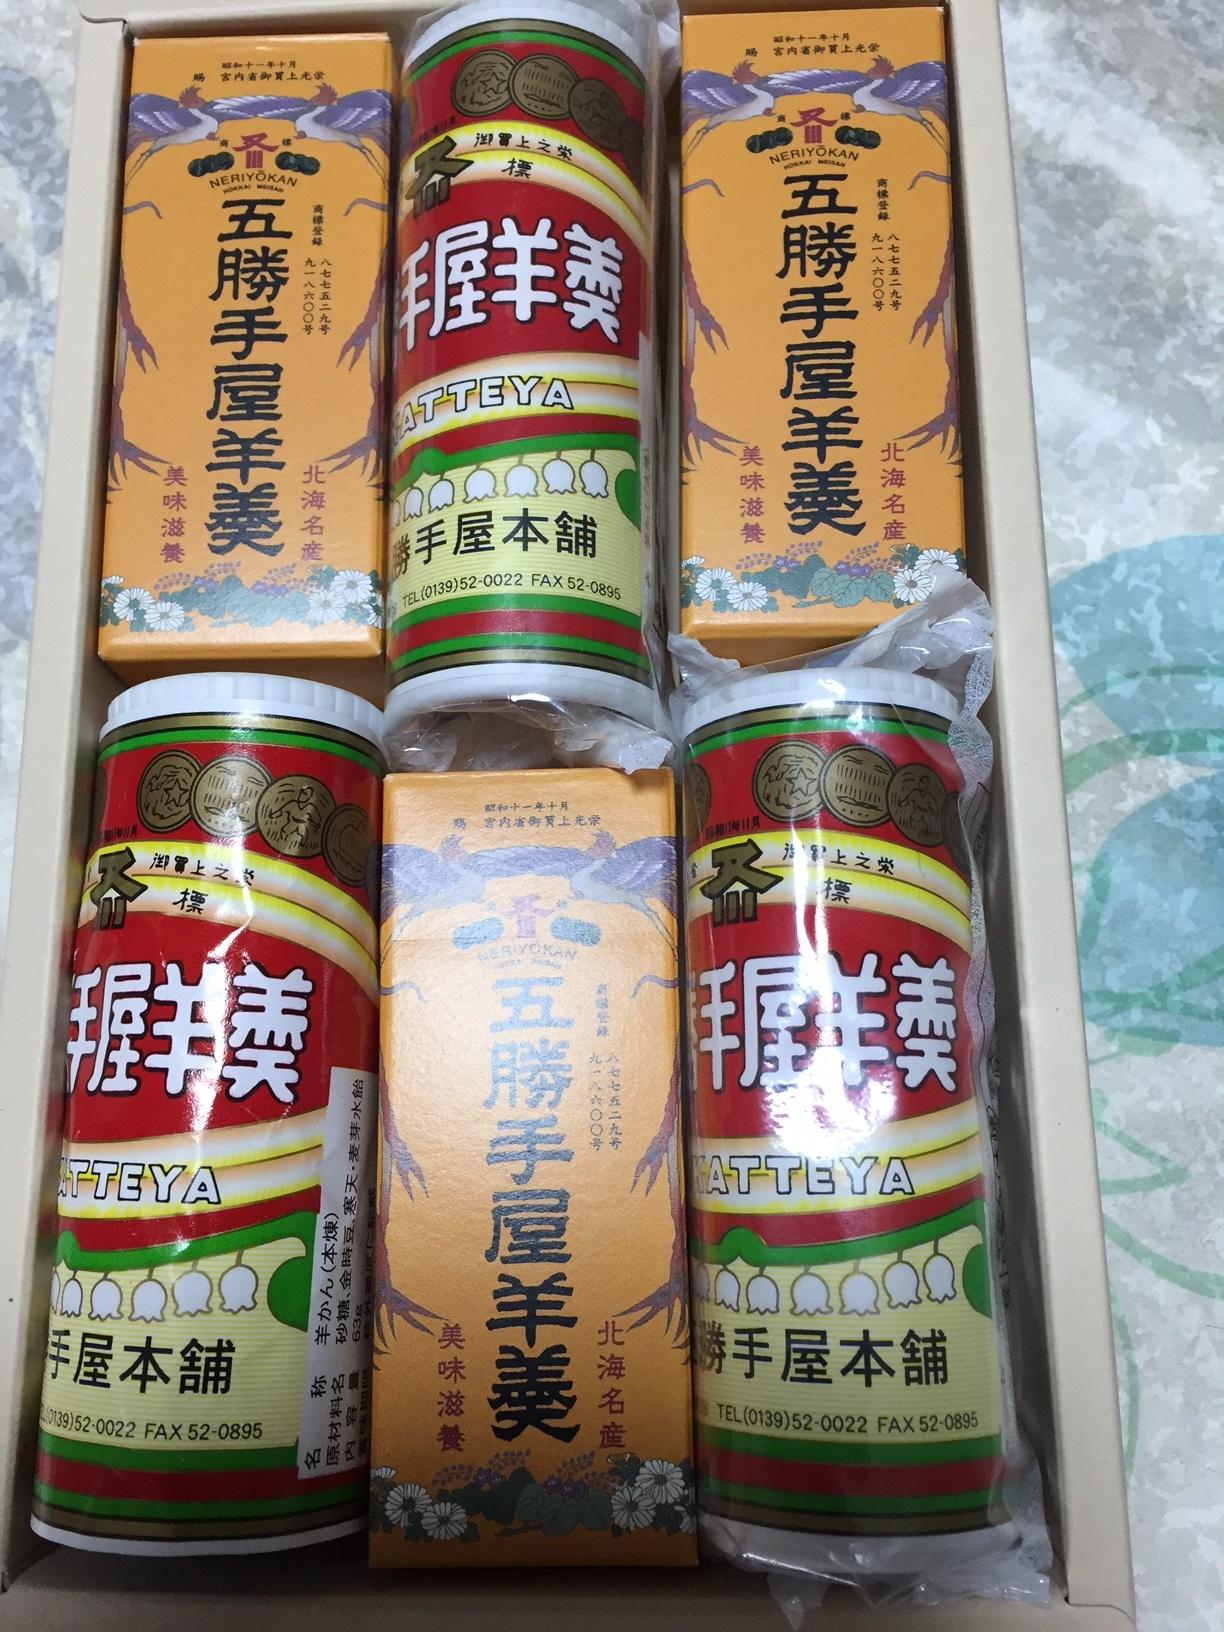 gokatteyayokan_3.jpg